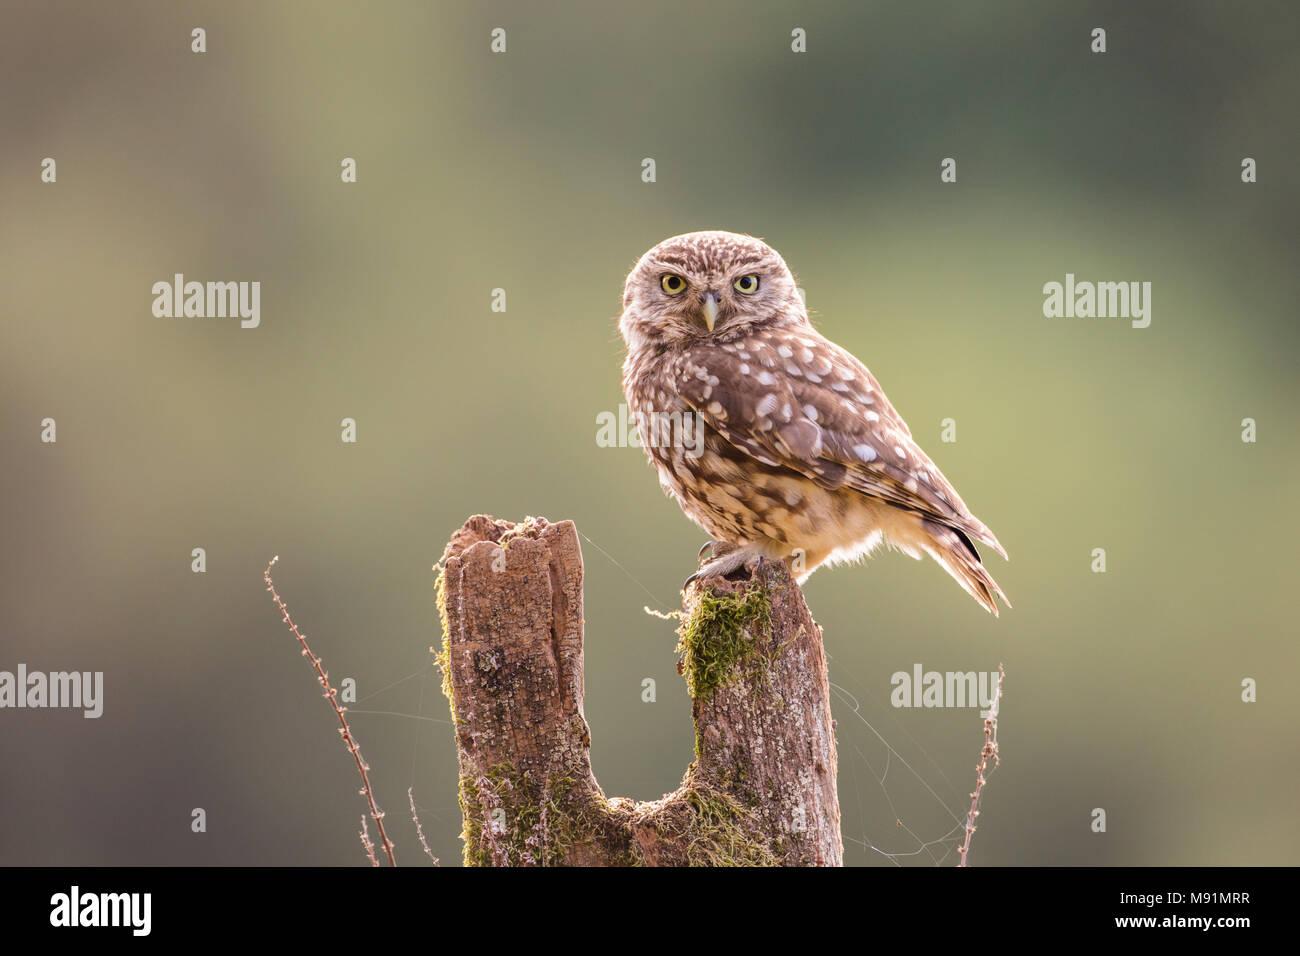 Pequeño búho posado sobre un poste de madera. Mirando la cámara con unos encantadores backlight Imagen De Stock